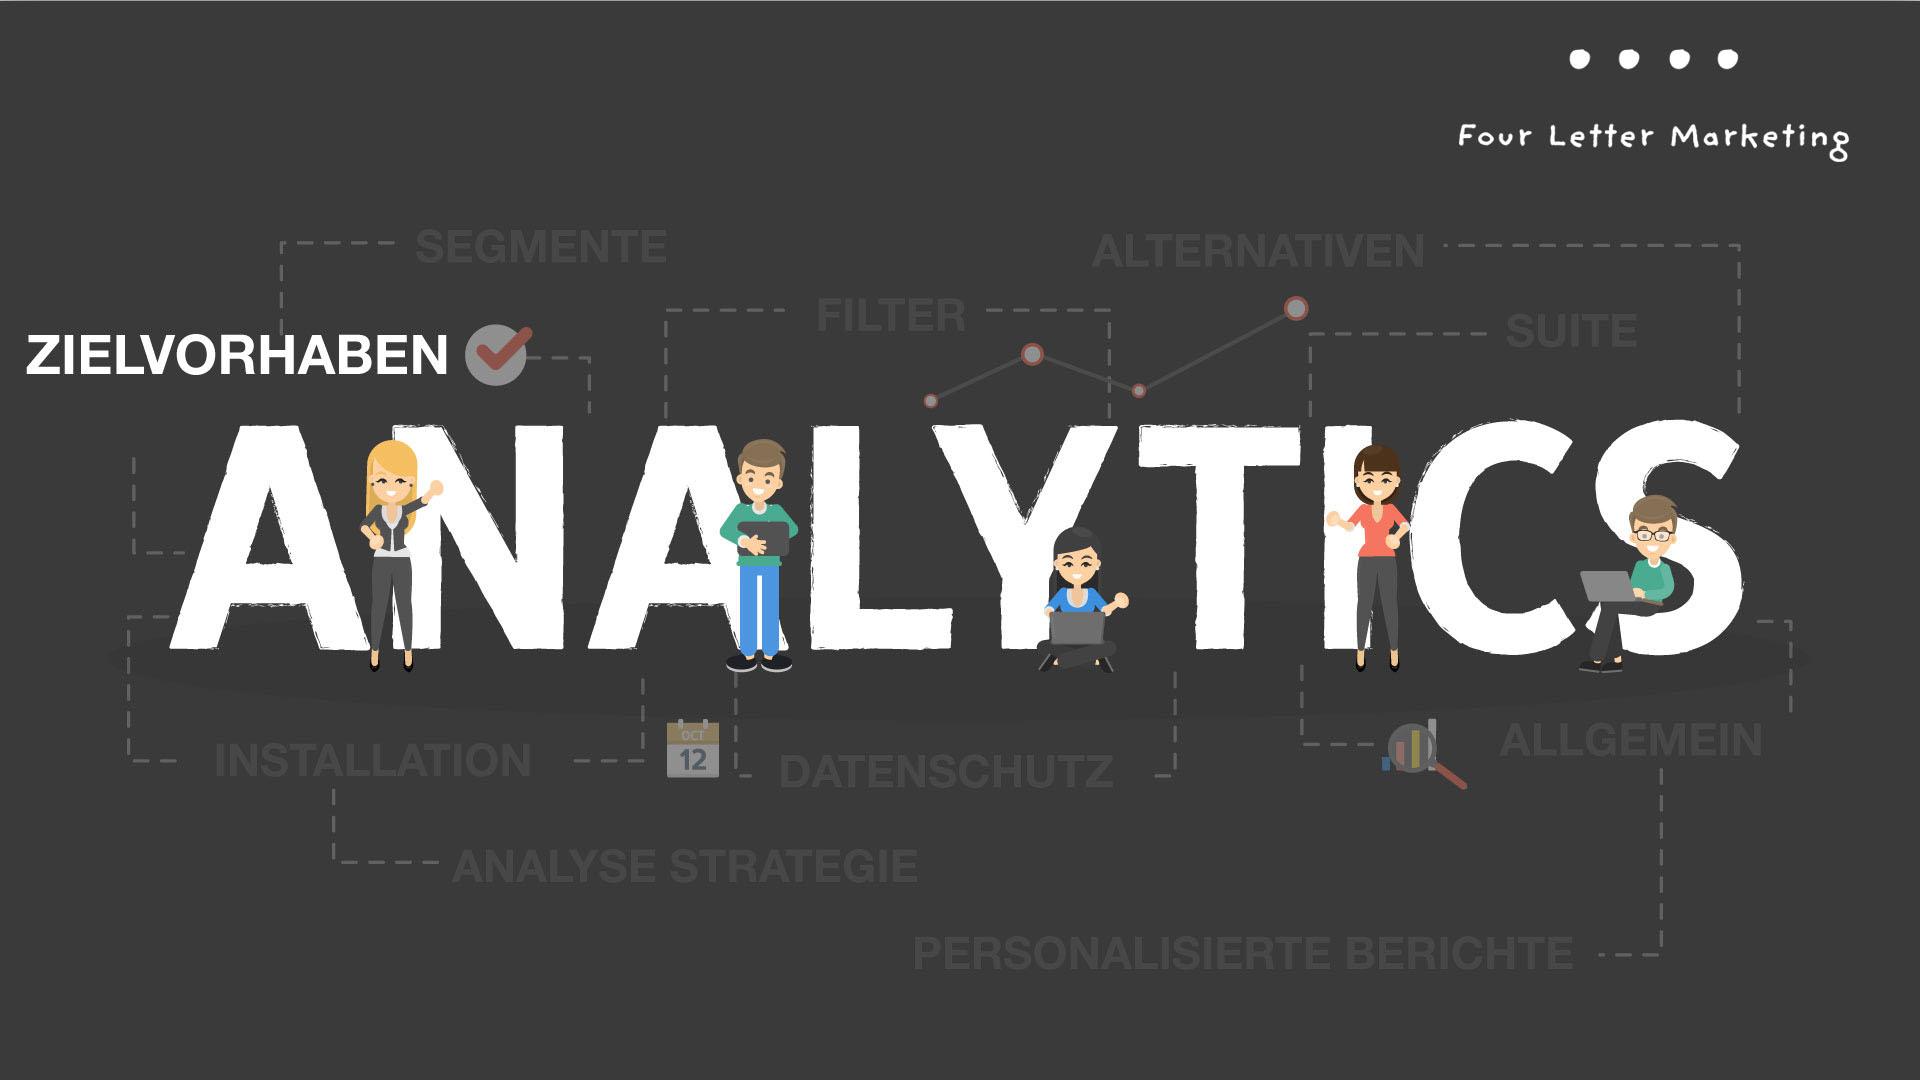 Google Analytics Zielvorhaben - So erhöhen Sie Ihre Conversionrate